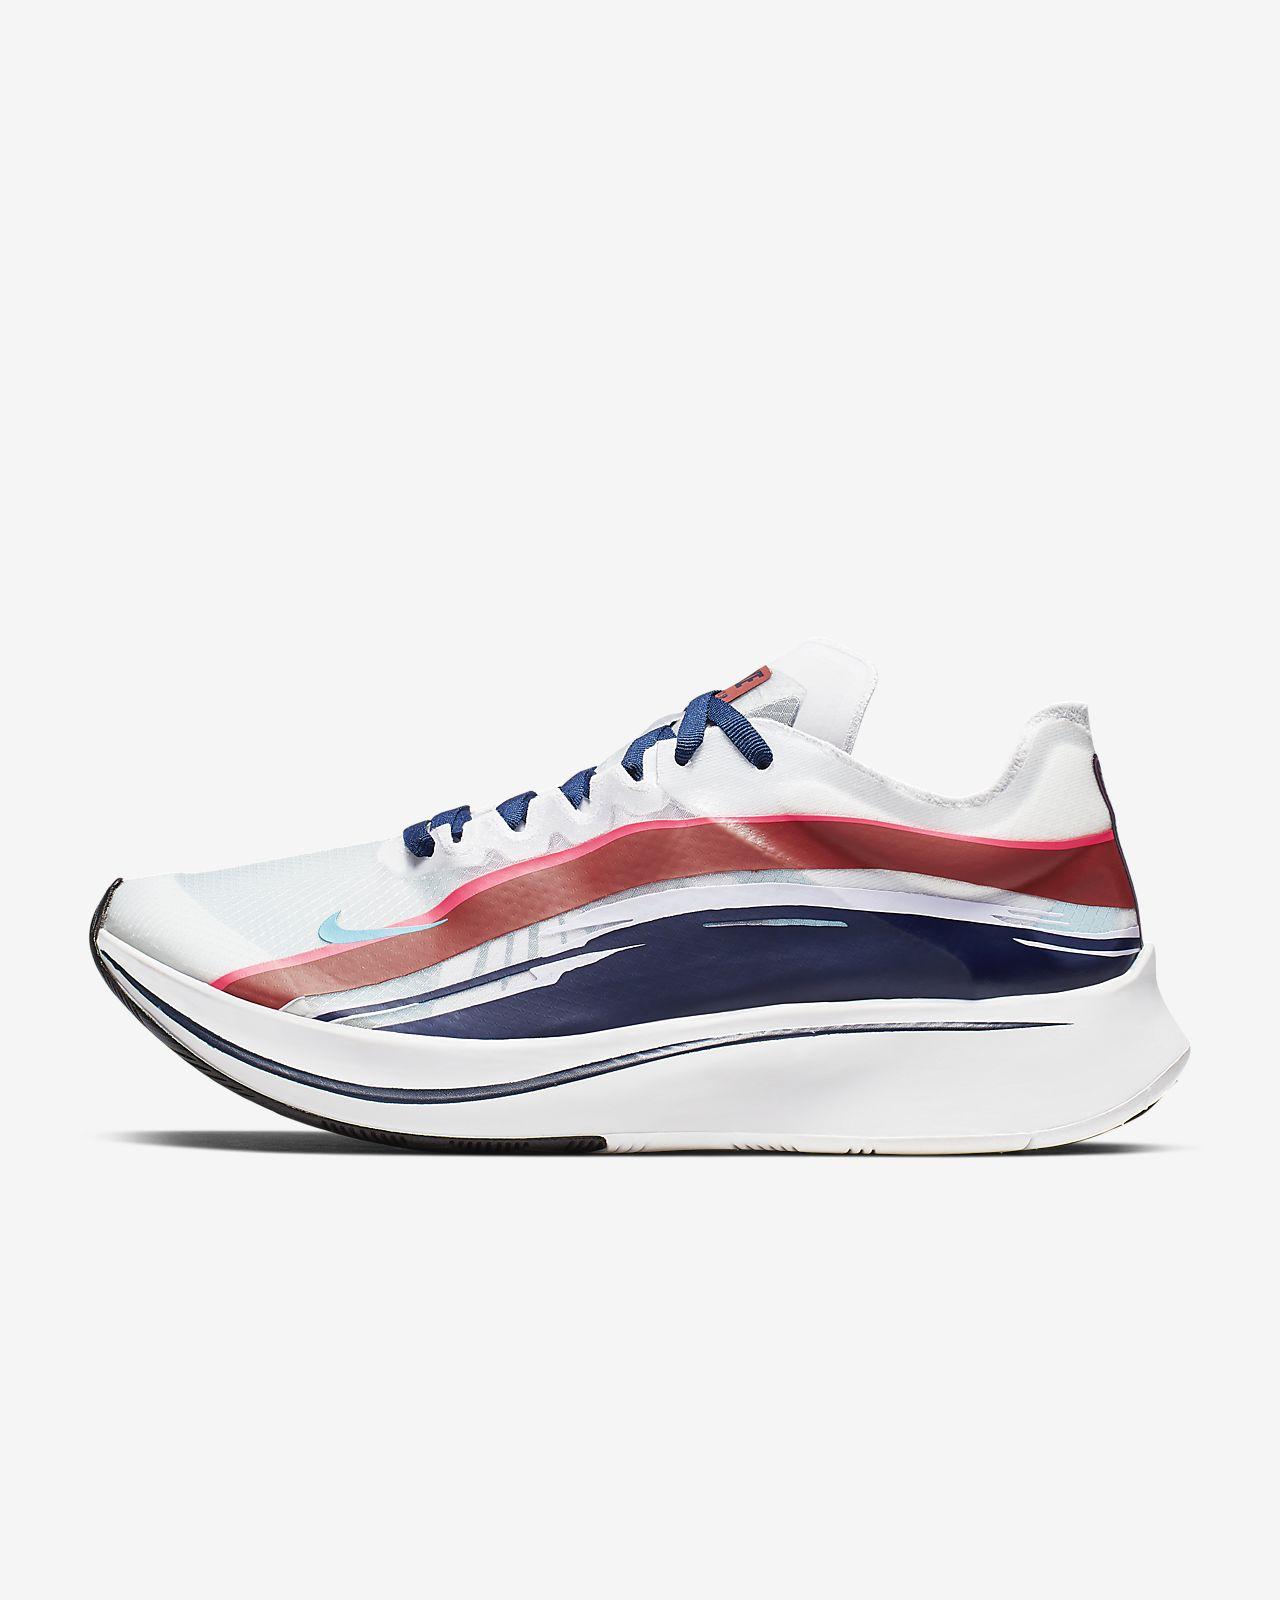 รองเท้าวิ่งผู้หญิง Nike Zoom Fly SP